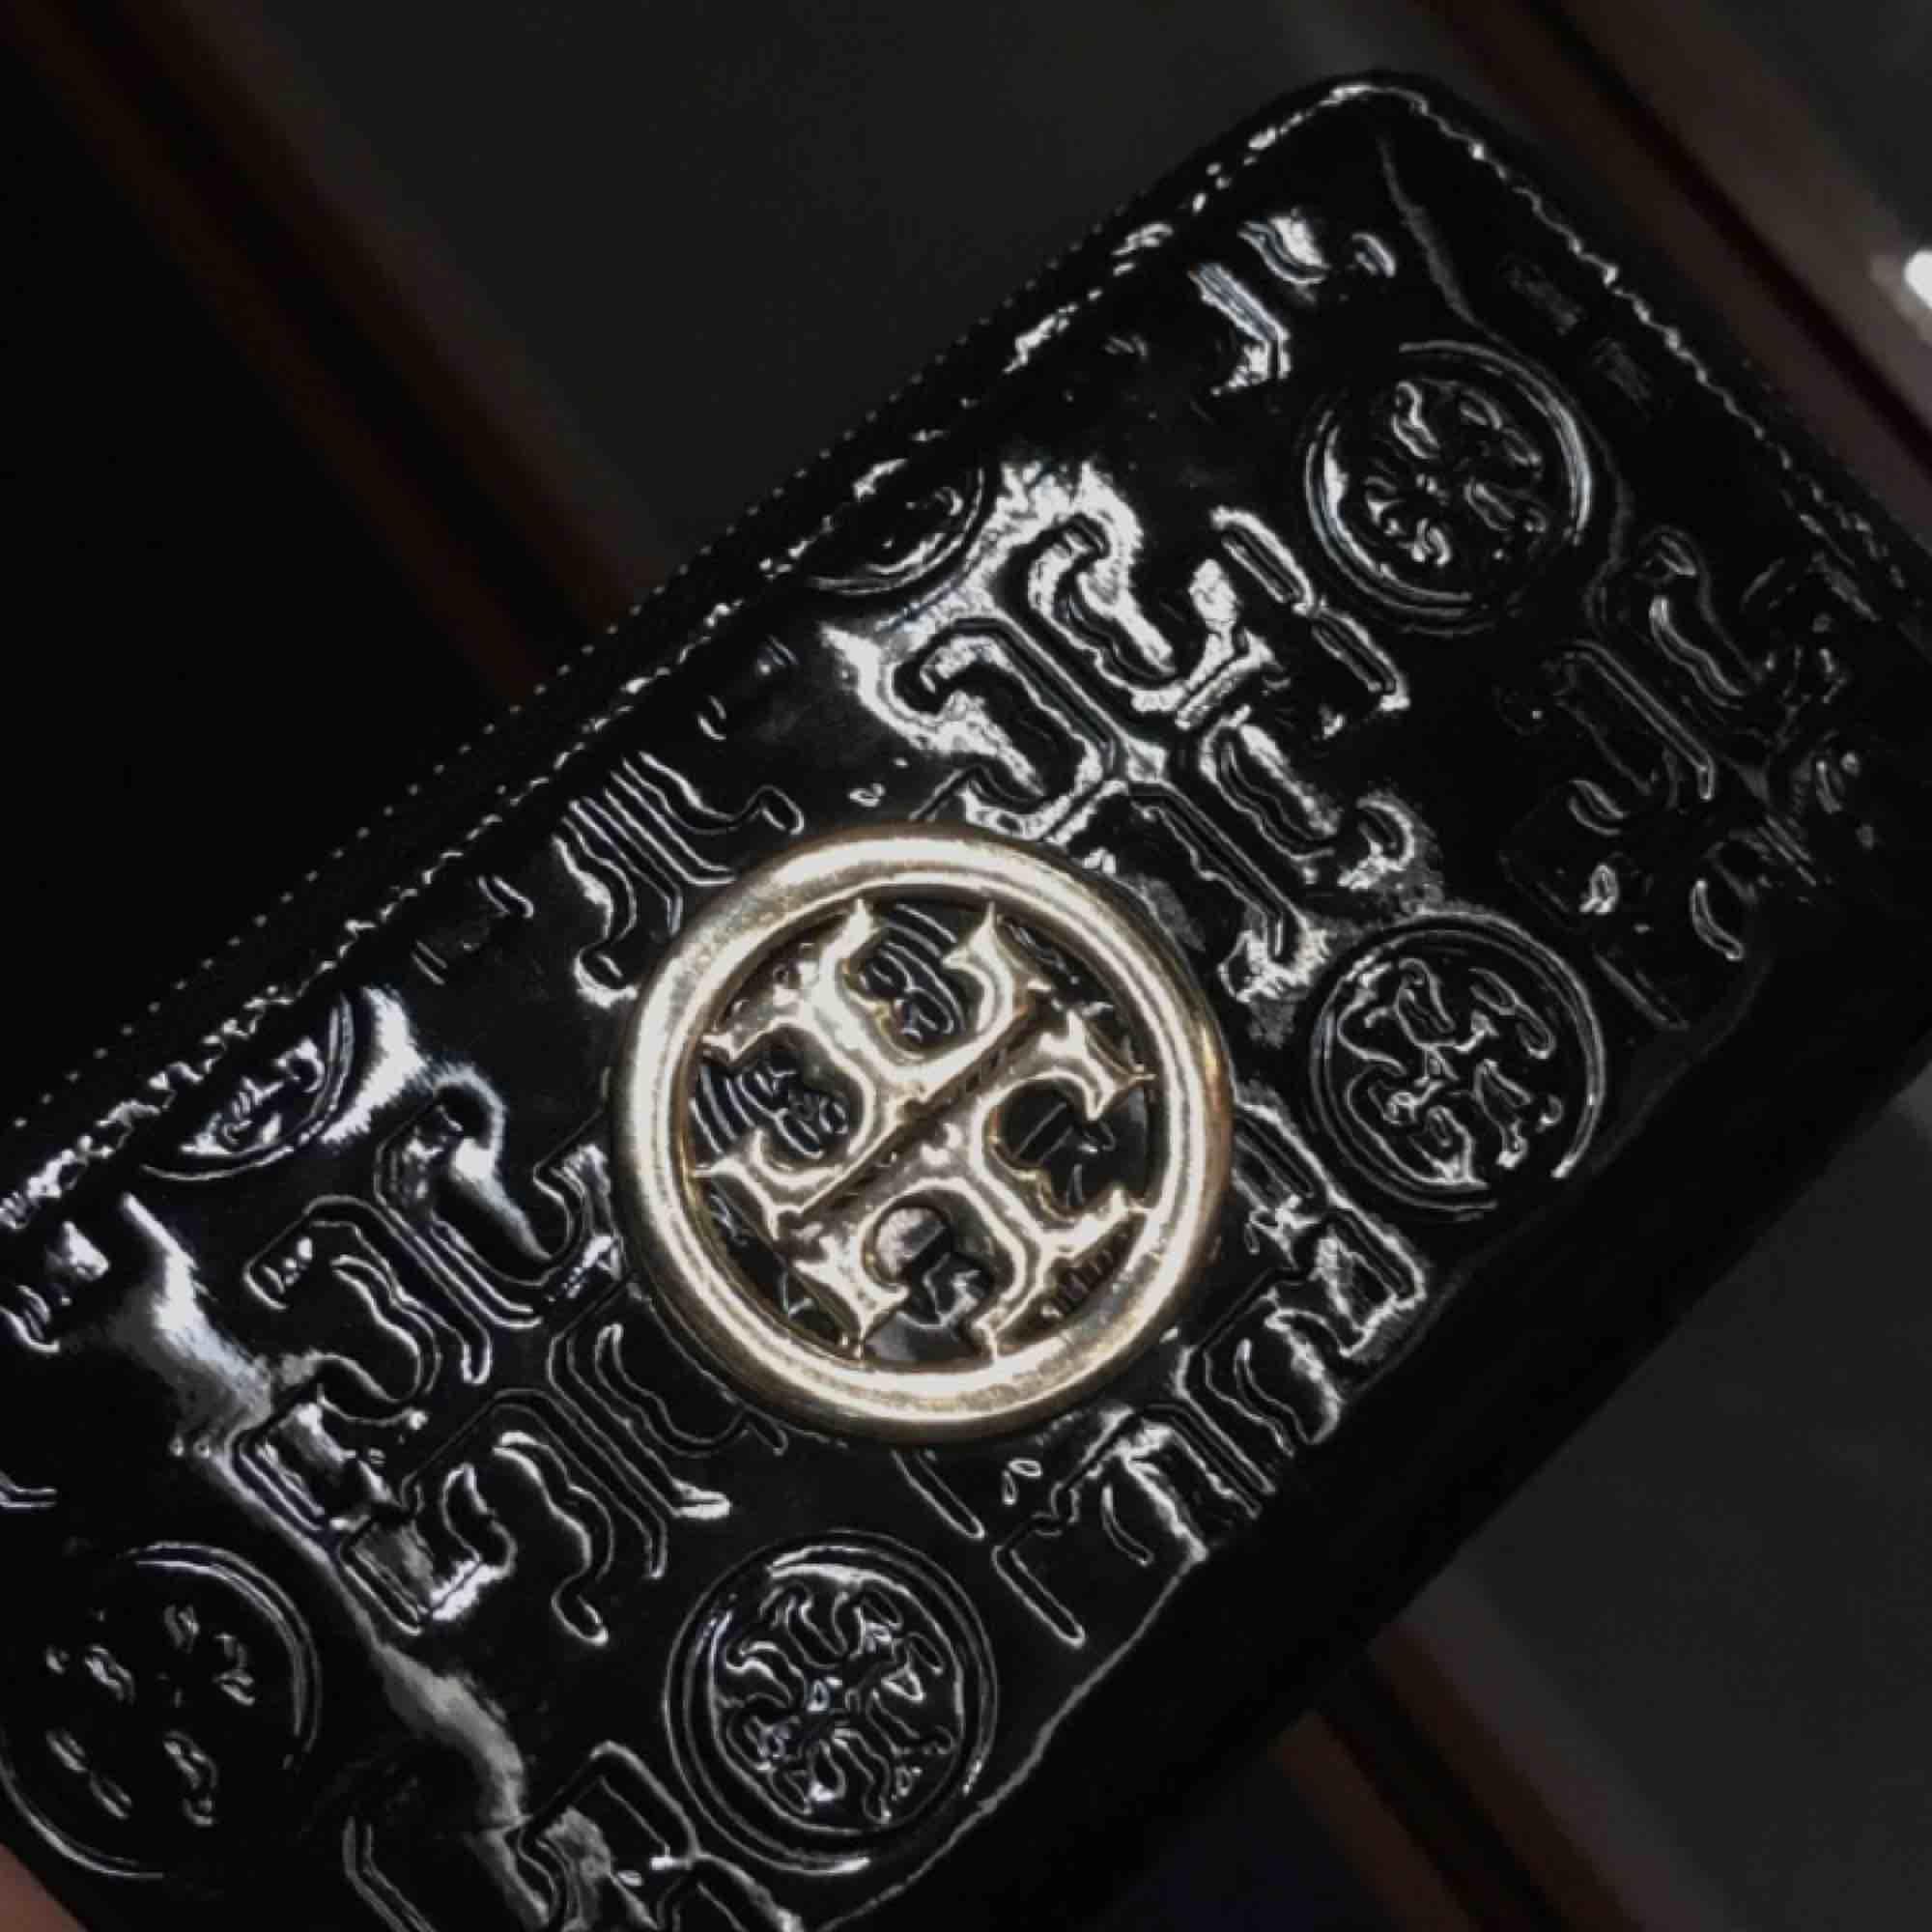 En söt svart plånbok från Tory Burch (kopia) med gulddetaljer. Väskor.